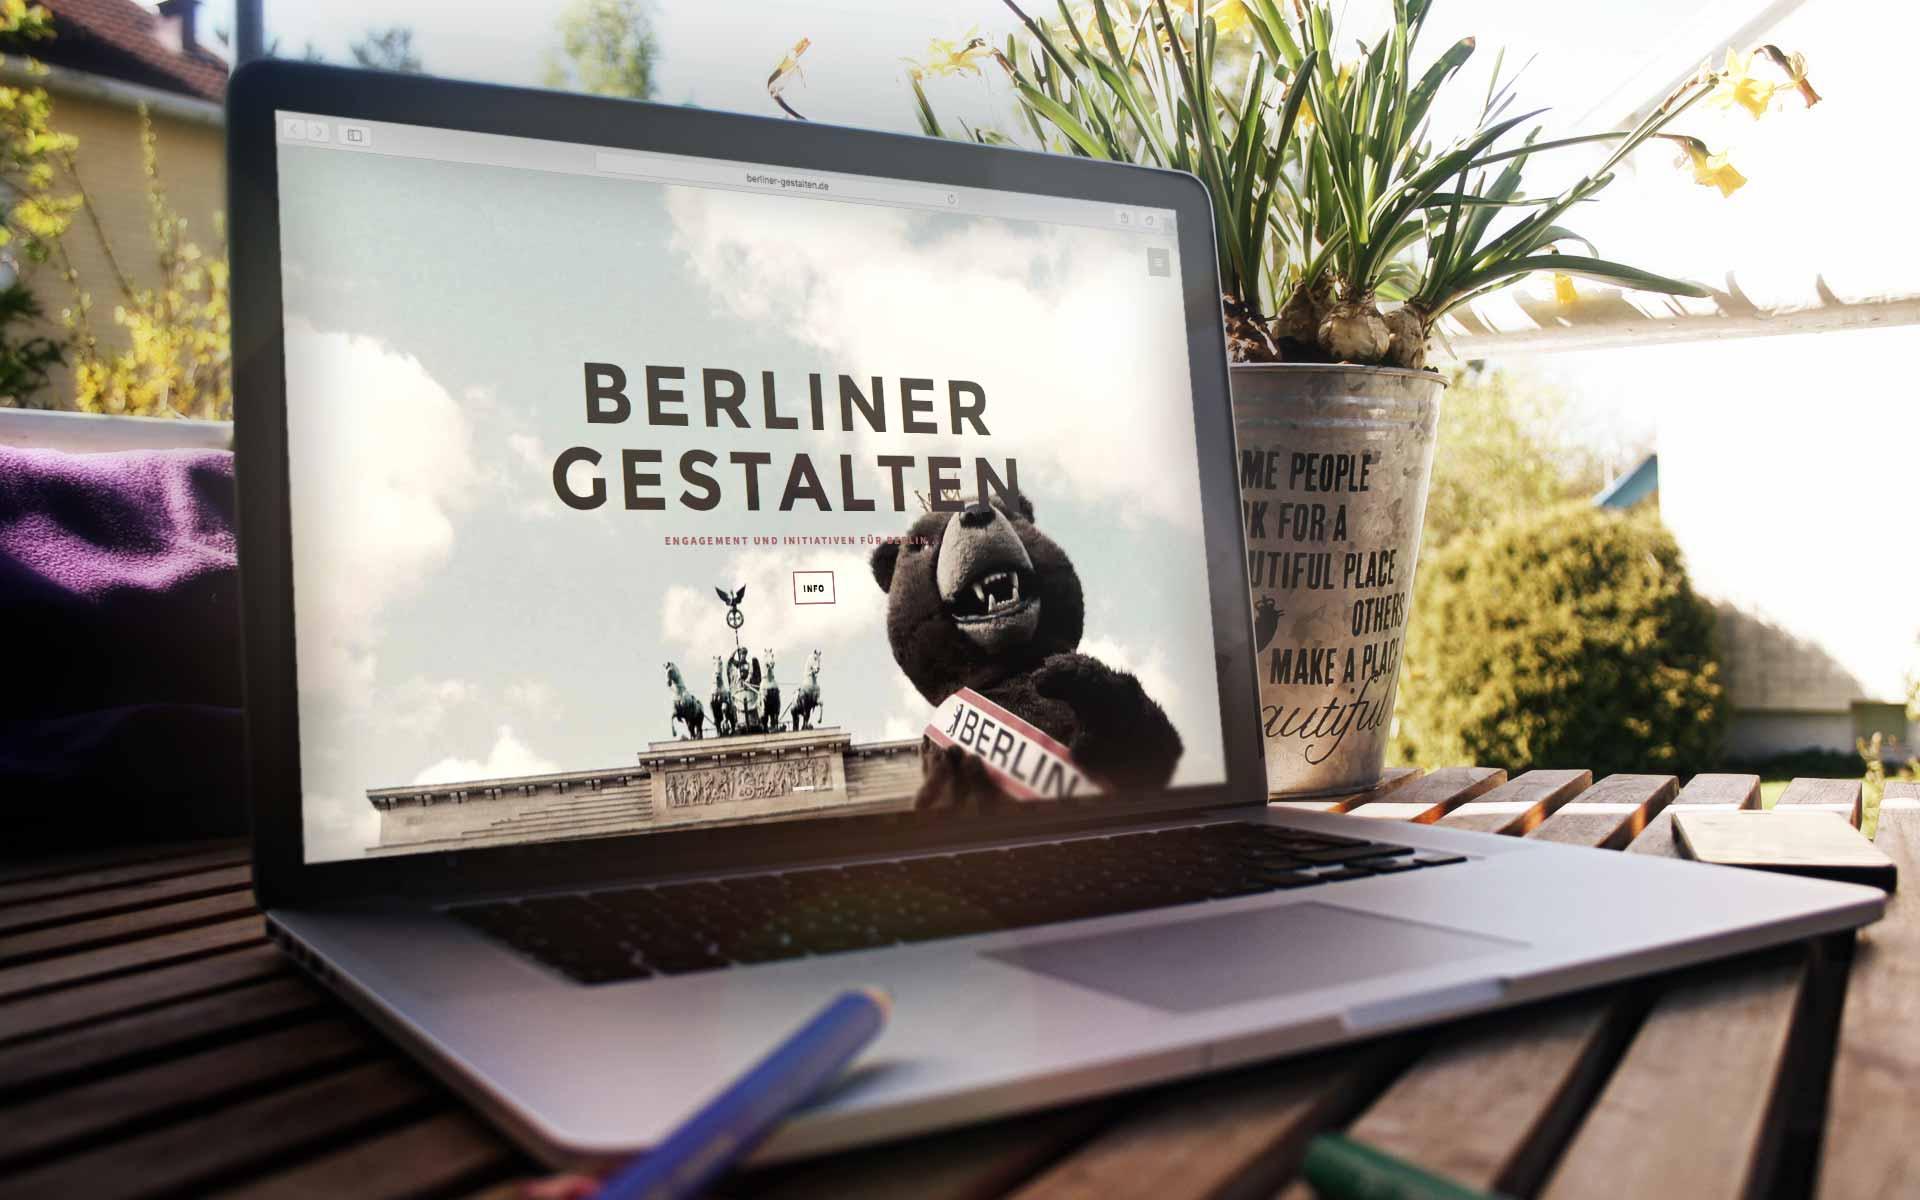 Die Berliner Gestalten sind eine informelle, unabhängige und ehrenamtliche Non-Profit-Plattform, die ehrenamtliches, soziales und bürgerliches Engagement für Berlin fördert und ermöglicht. Neben eigenen Initiativen unterstützen wir gemeinnützige Projekte und Organisationen, die sich in Berlin für gesellschaftliche Belange engagieren und die das Gemeinwohl fördern. Infos unter http://www.berliner-gestalten.wolfgang-beinert.de